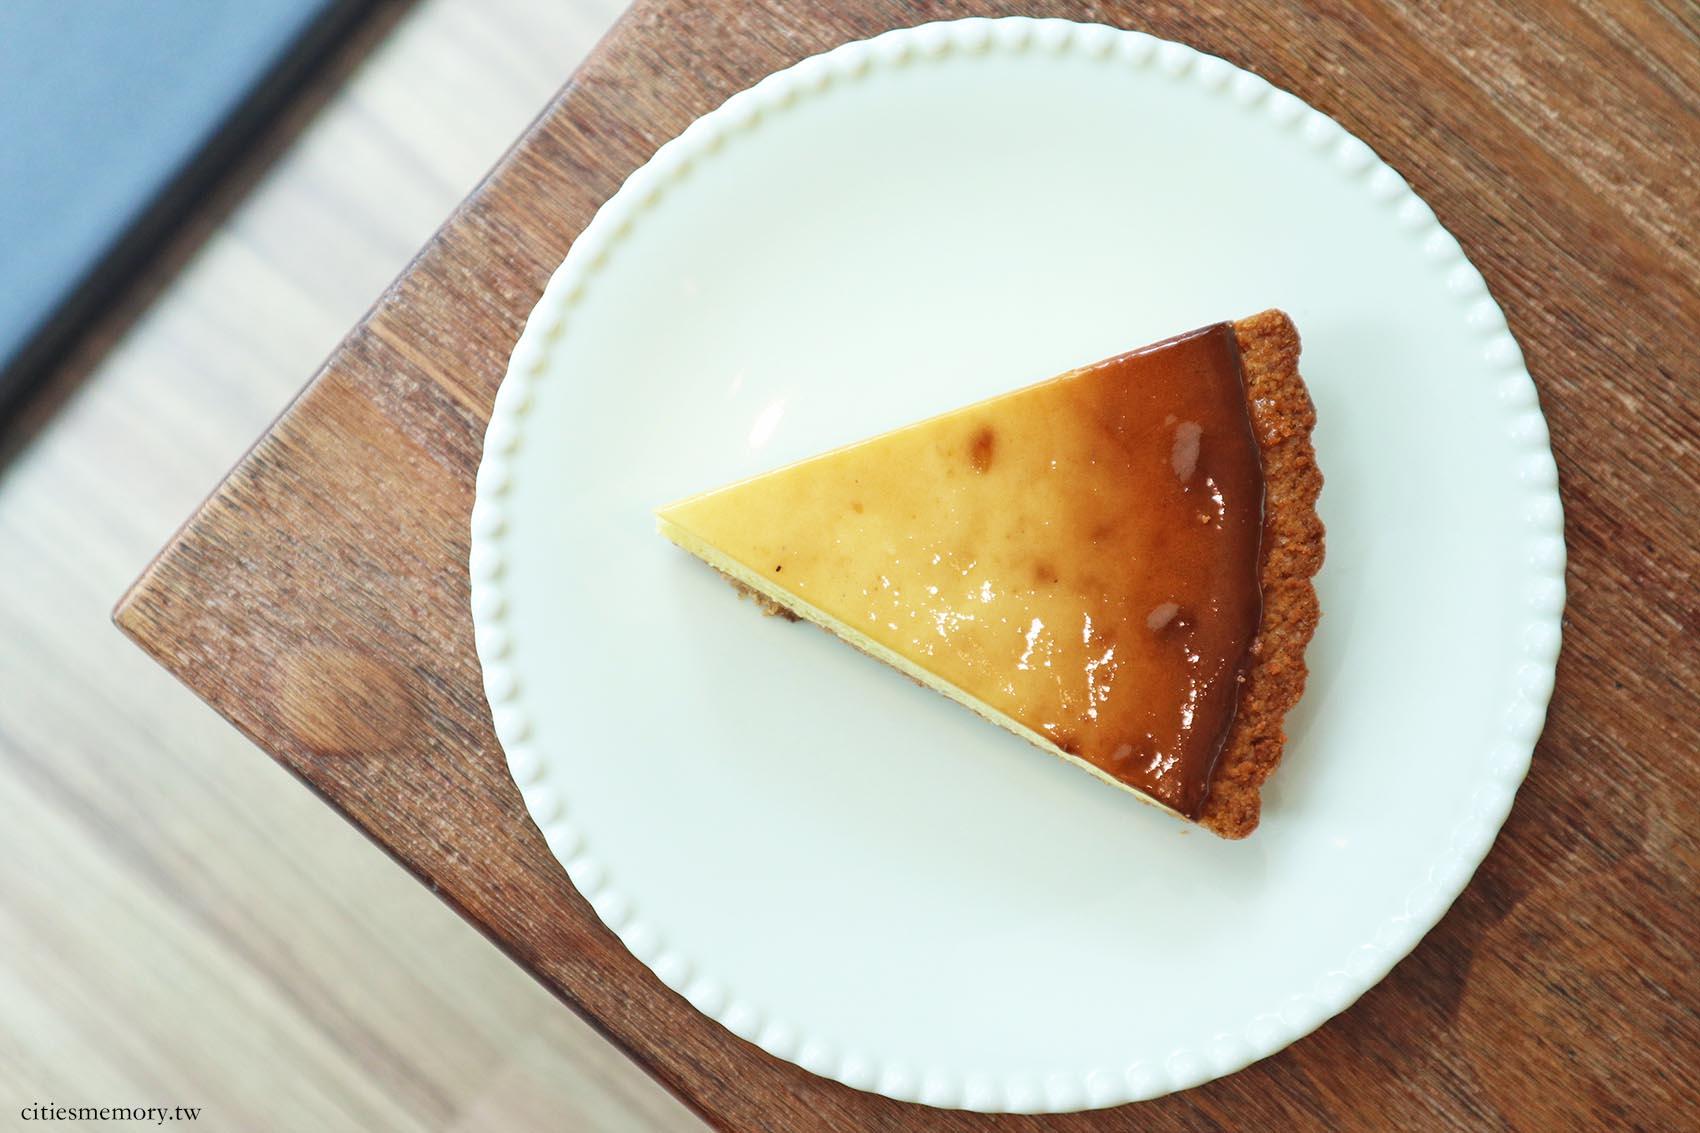 藍白小鎮 乳酪派1